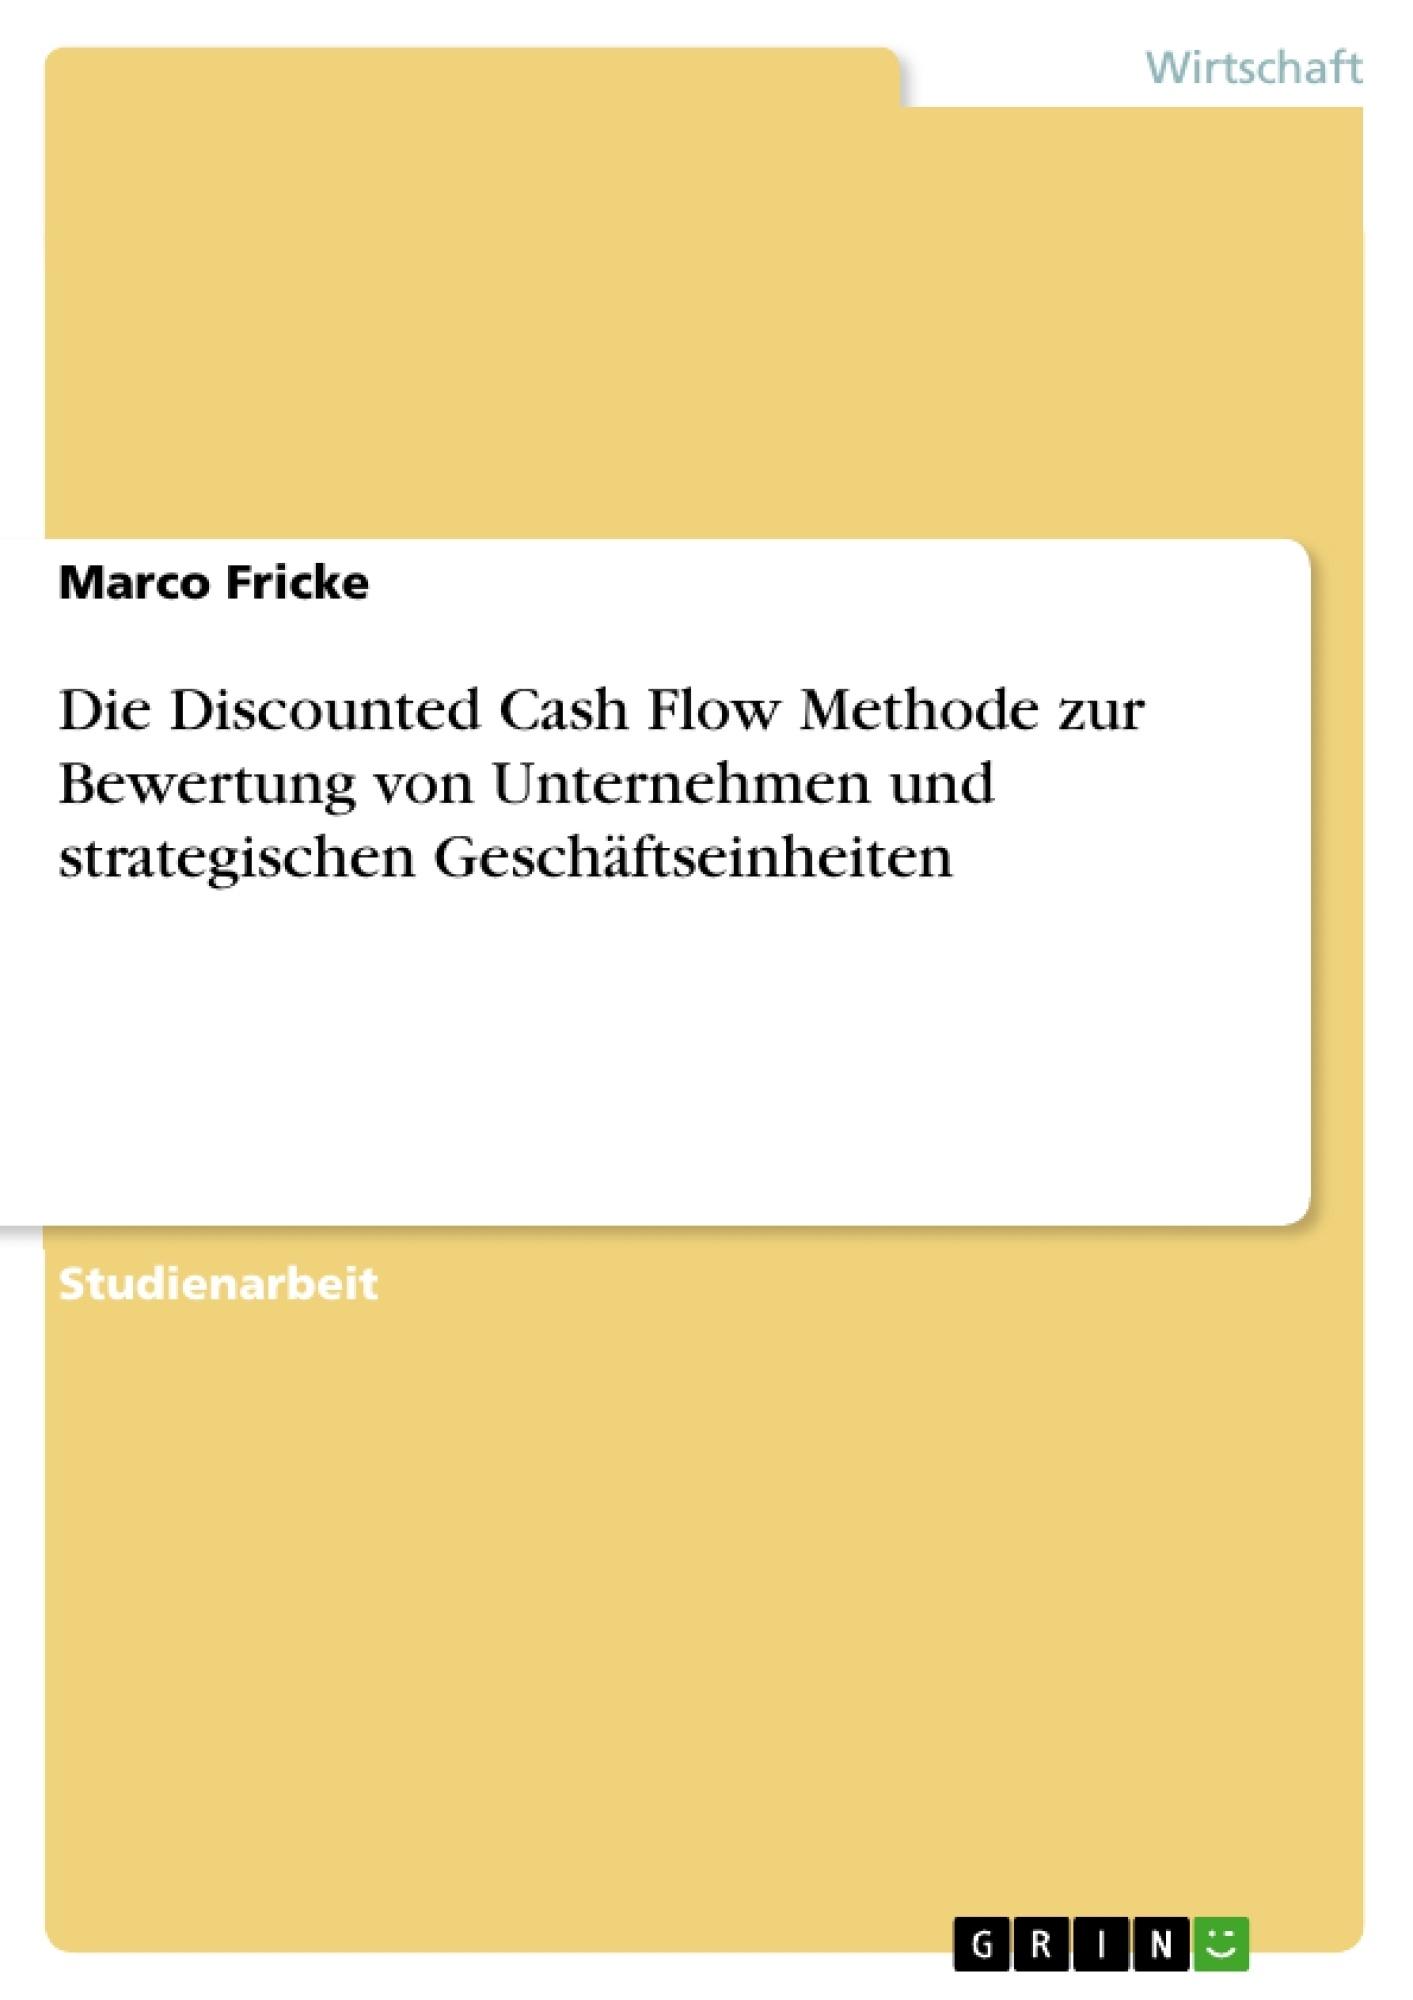 Titel: Die Discounted Cash Flow Methode zur Bewertung von Unternehmen und strategischen Geschäftseinheiten